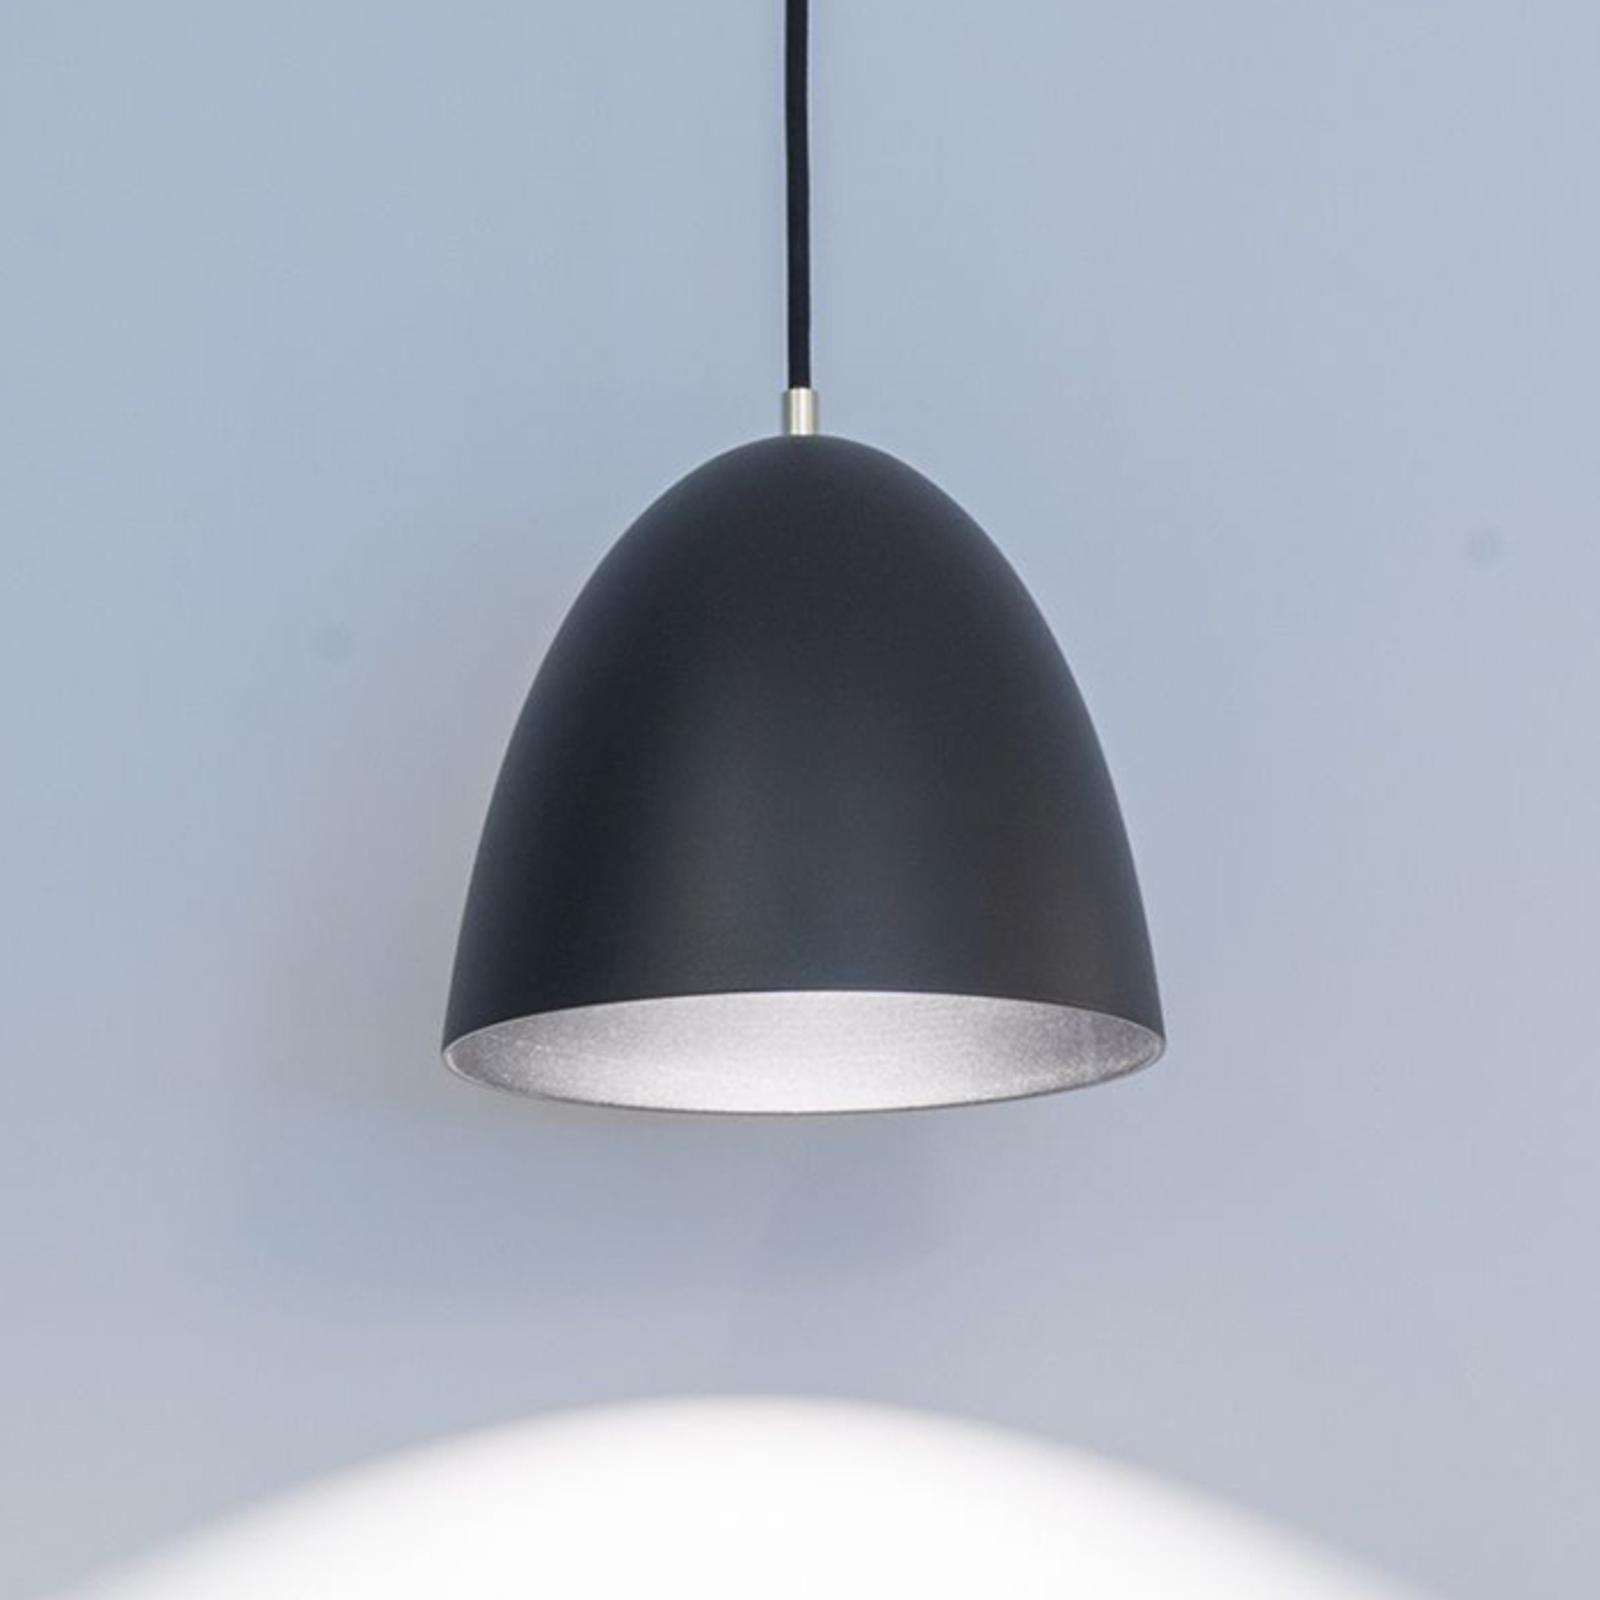 Eas LED-hengelampe, Ø 24 cm, 3000 K, svart